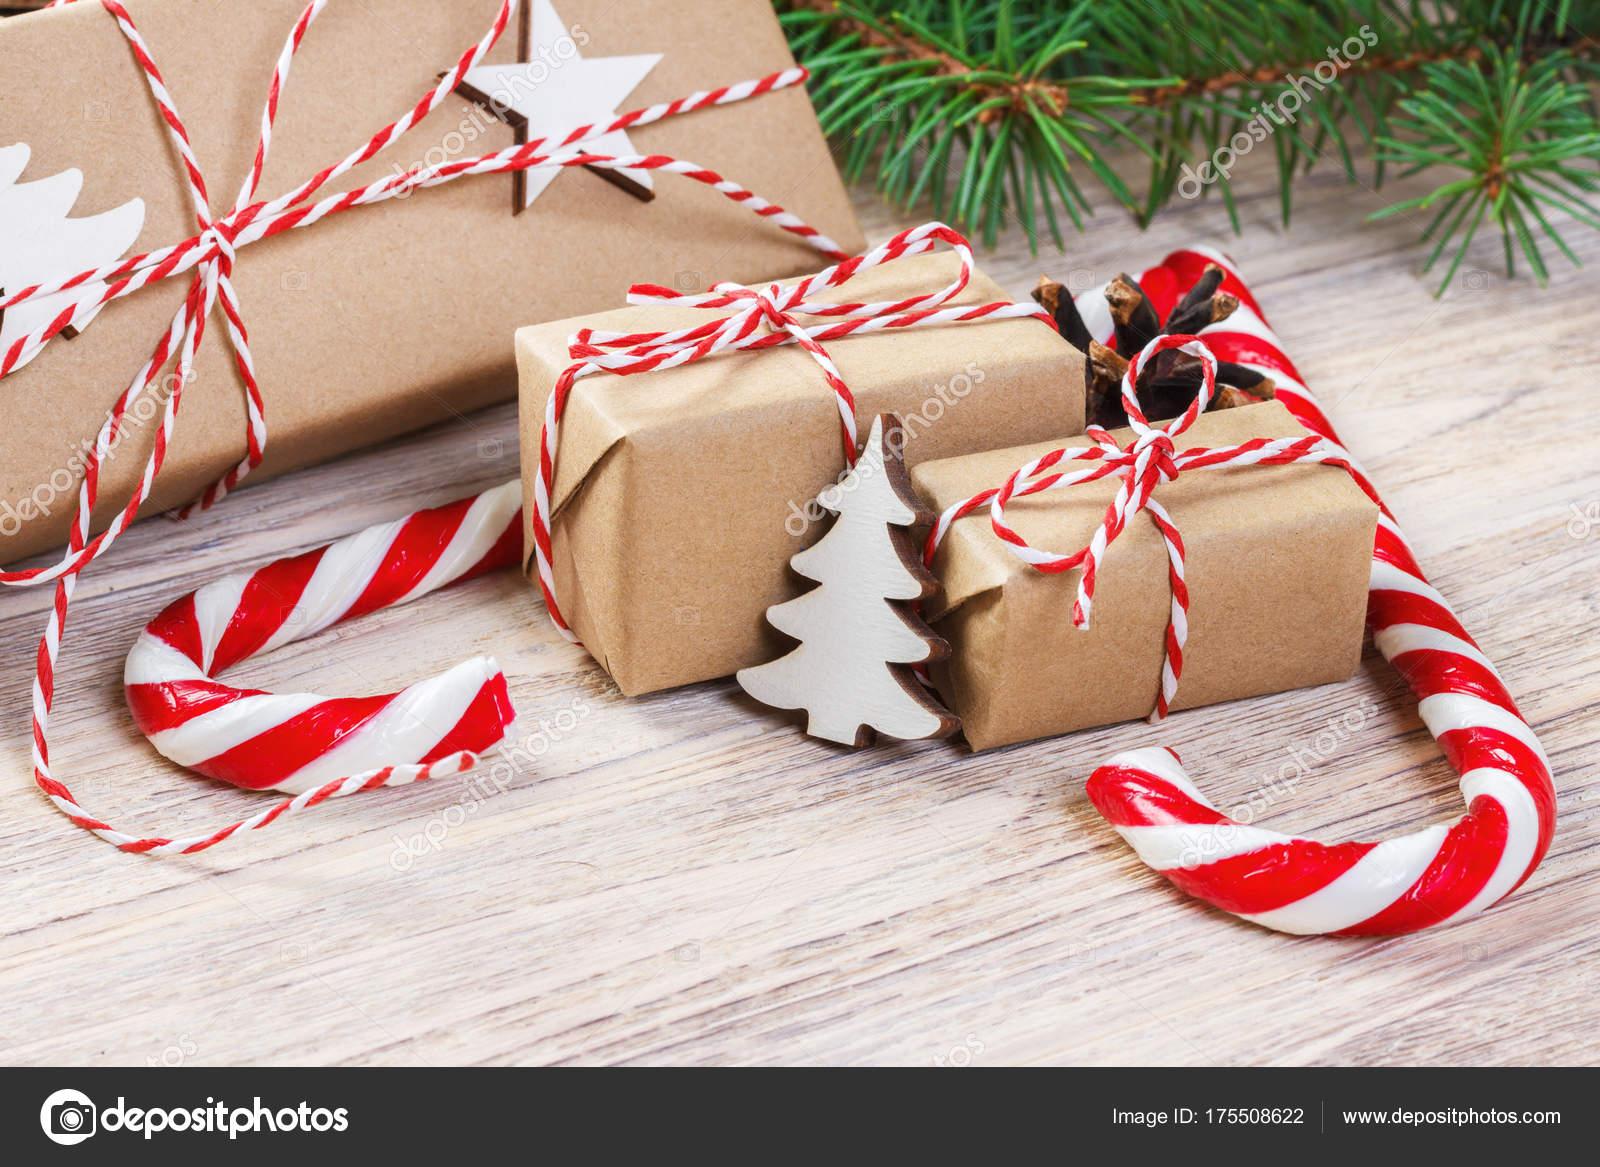 Weihnachtsgeschenke mit Tanne und dekorative Kegel. Süßigkeiten und ...